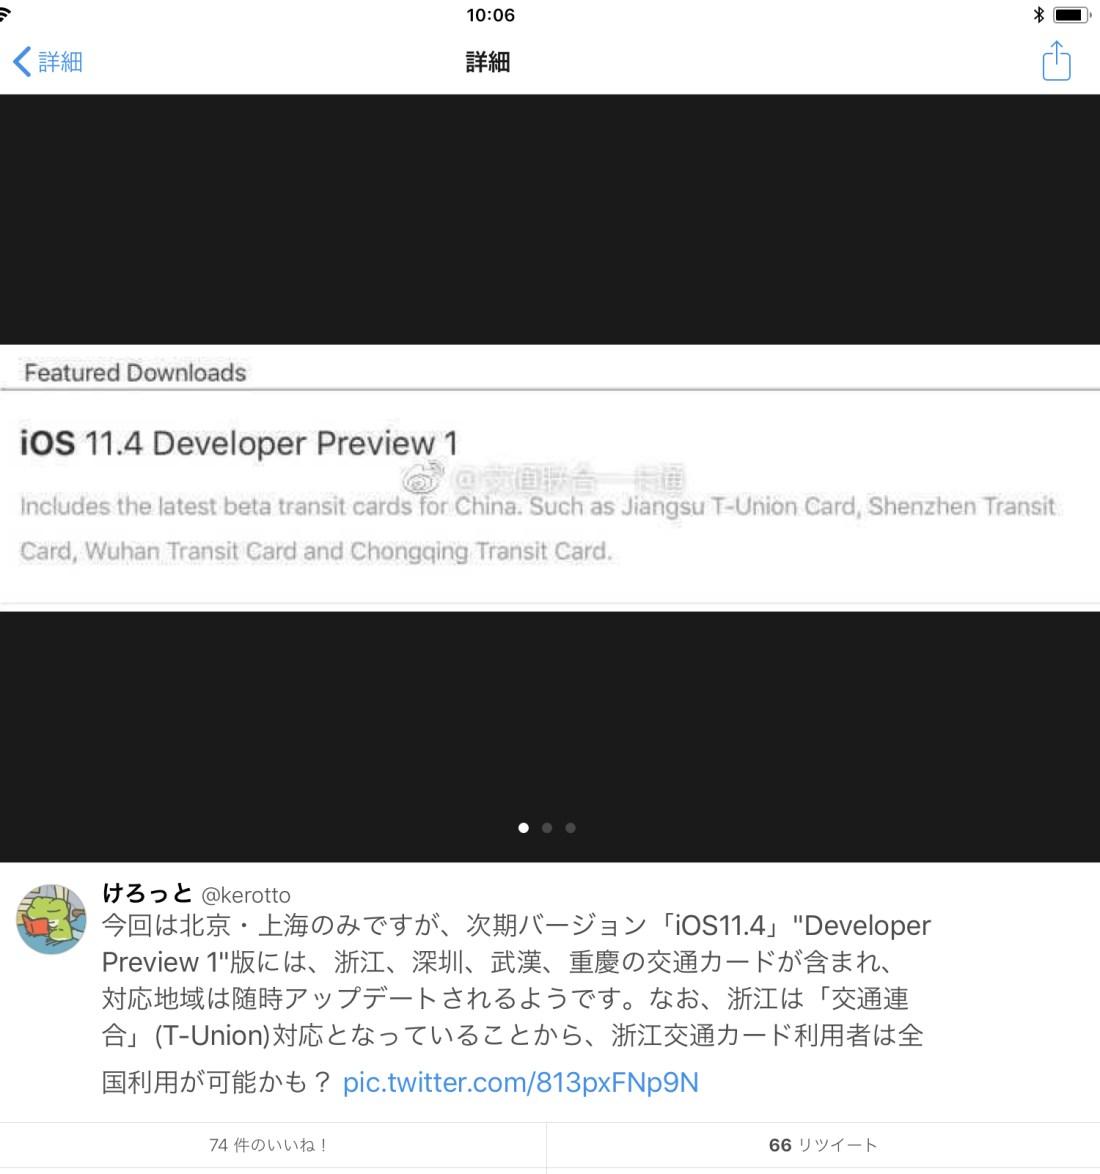 iOS 11.4 Developer Preview